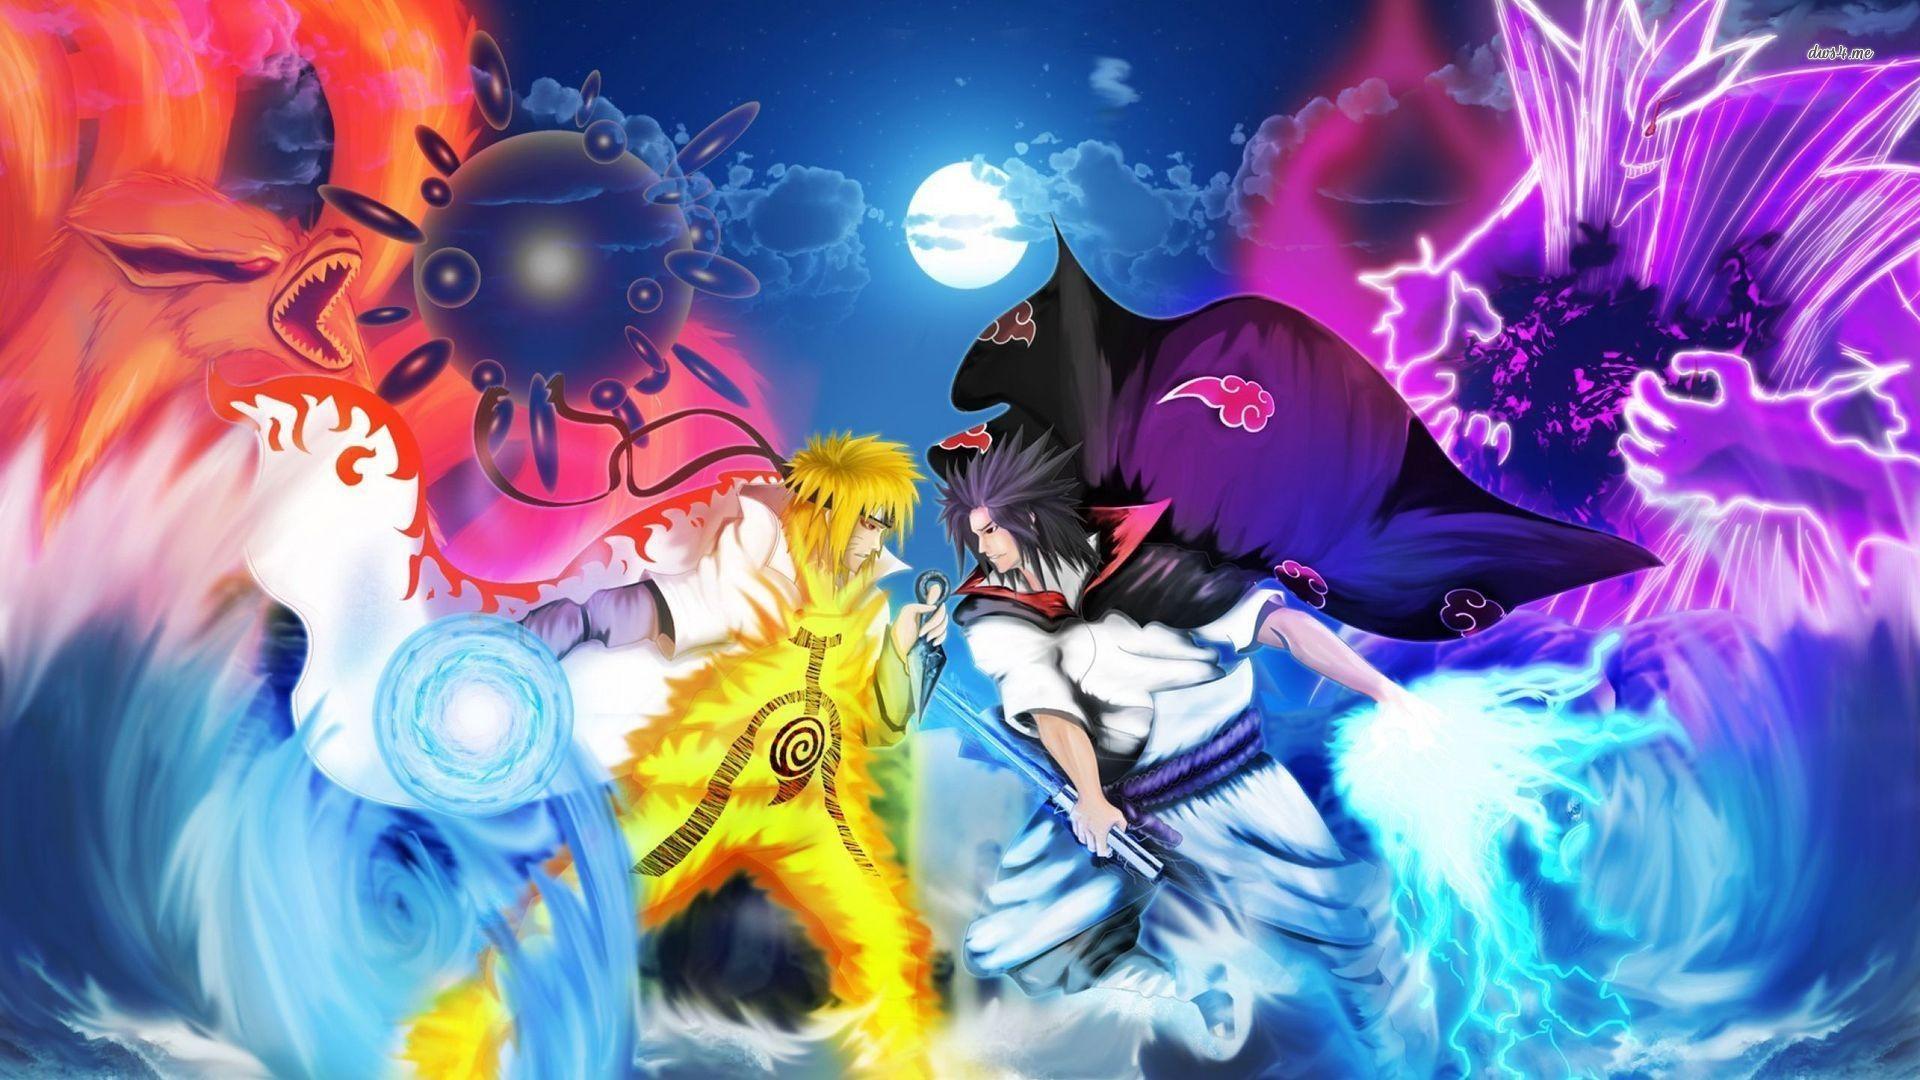 Wallpaper Naruto Hd Untuk Hp Android